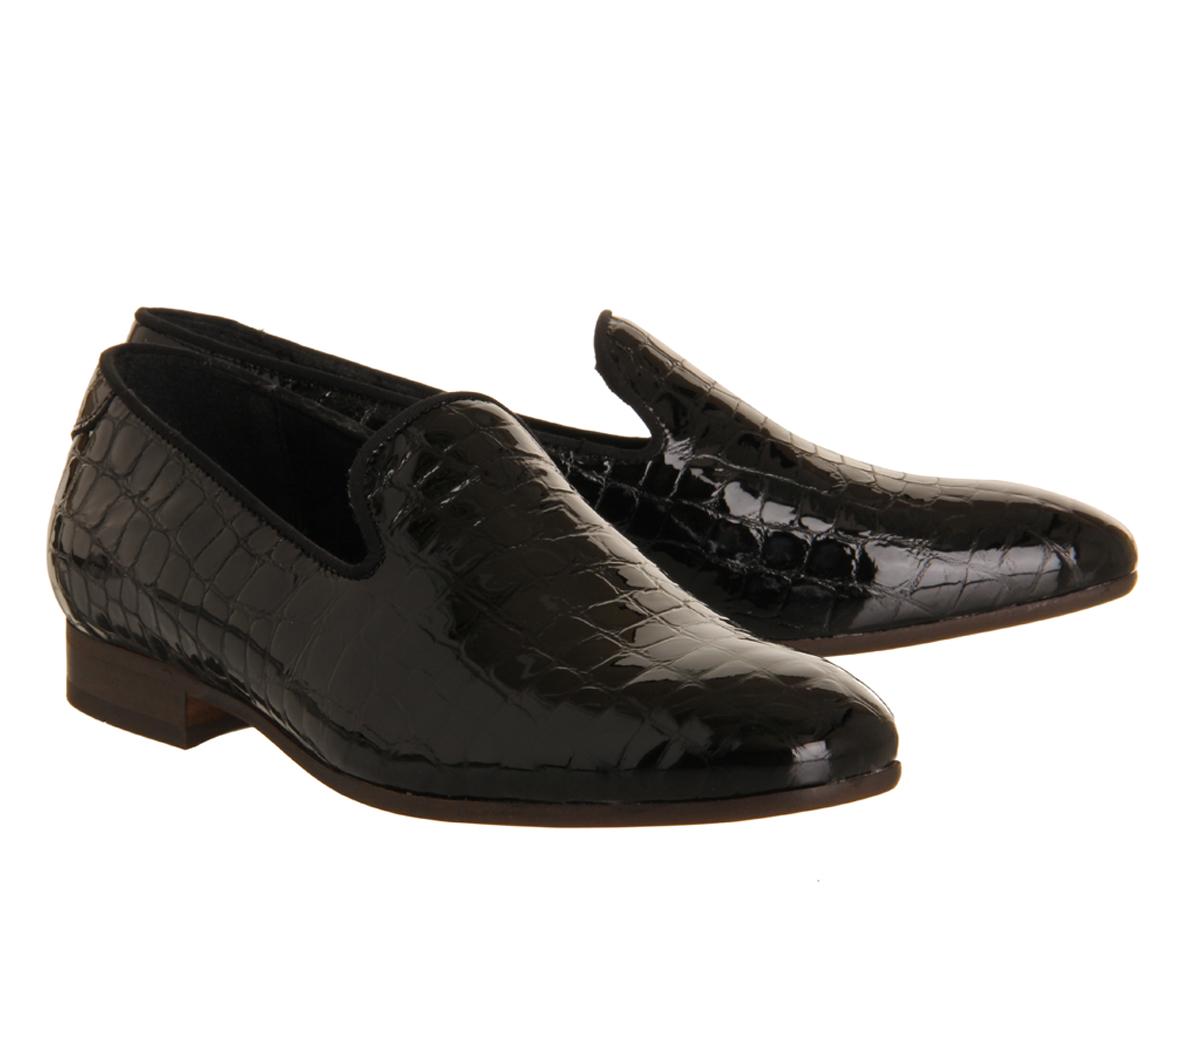 h by hudson rowan loafer in black for men lyst. Black Bedroom Furniture Sets. Home Design Ideas